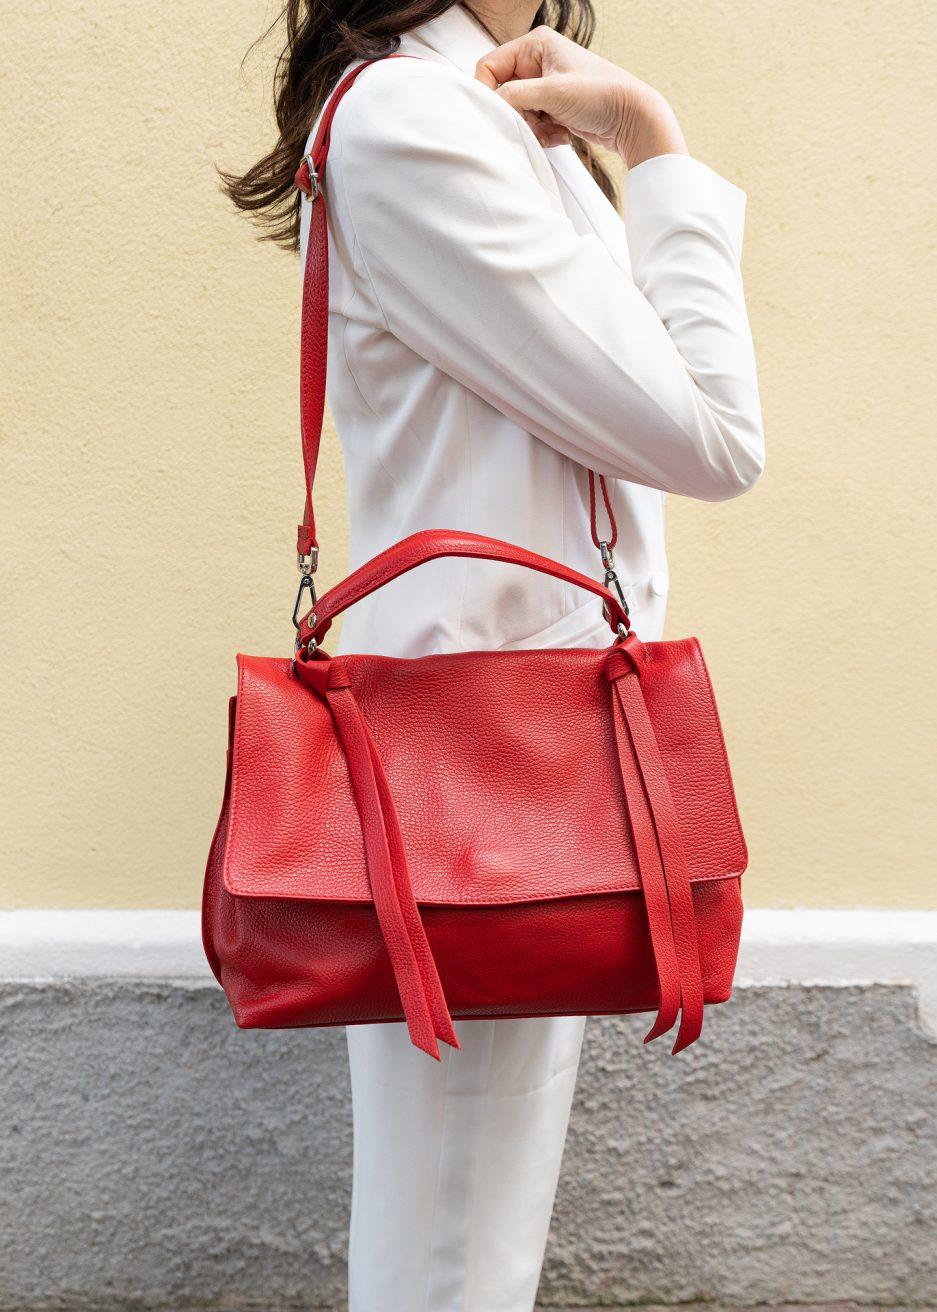 borsa postina rossa